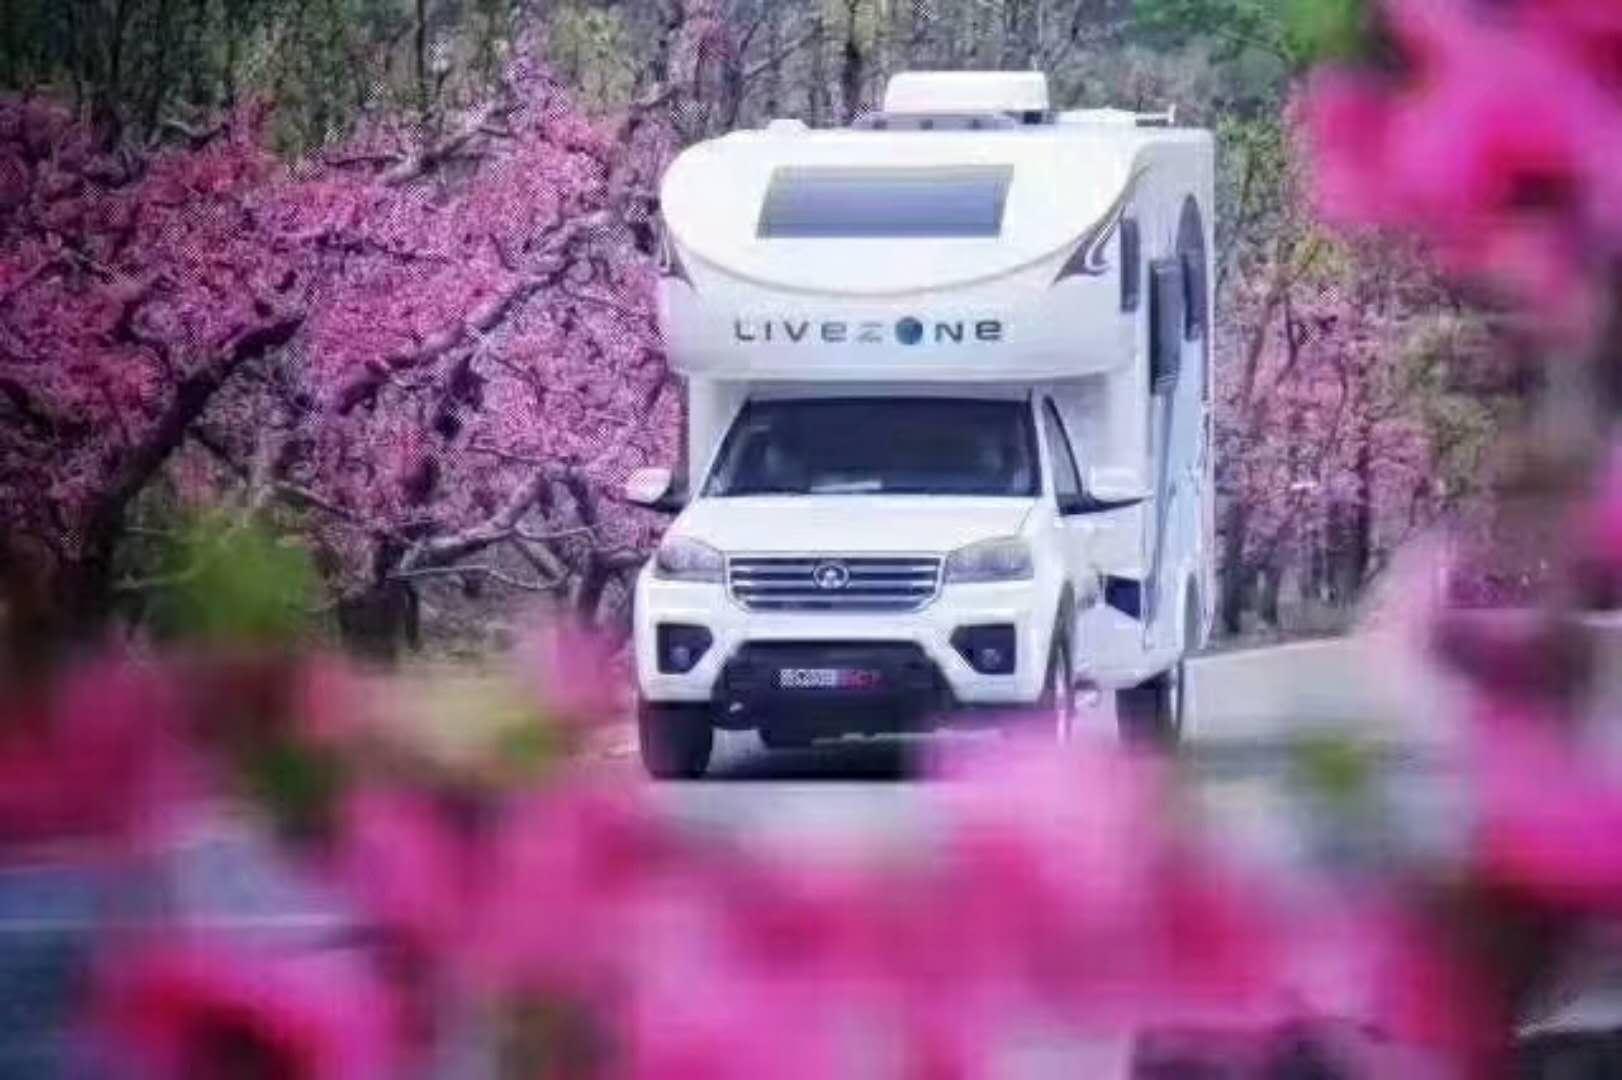 想买优惠的升降房车,就来哈尔滨易居汽车 黑龙江长城房车